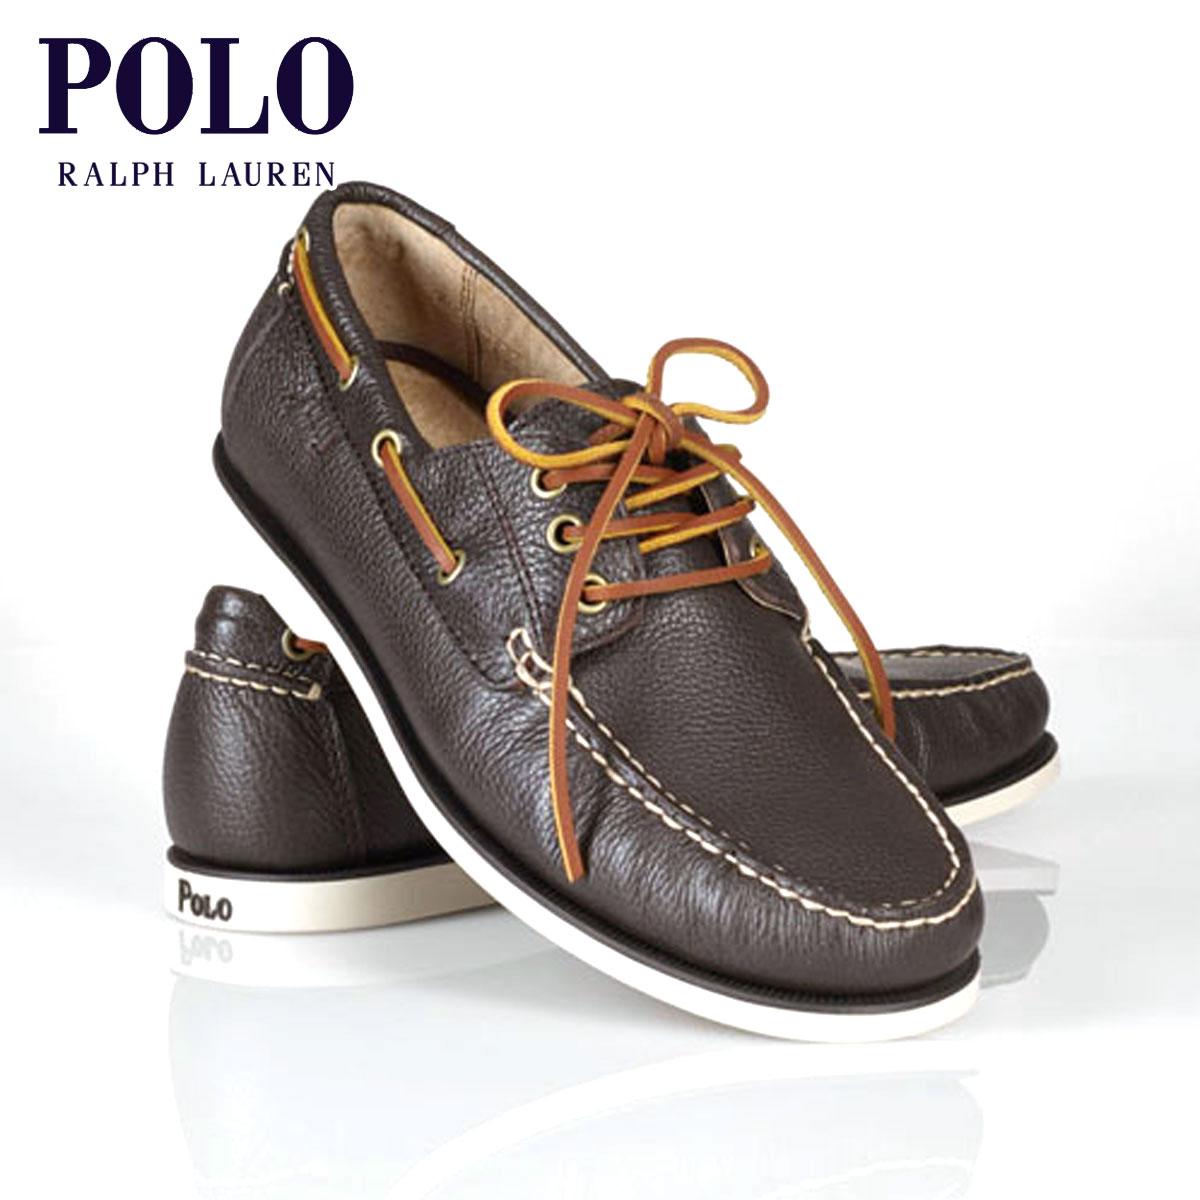 ポロ ラルフローレン POLO RALPH LAUREN 正規品 メンズ 靴 シューズ Bienne Boat Shoe D25S35